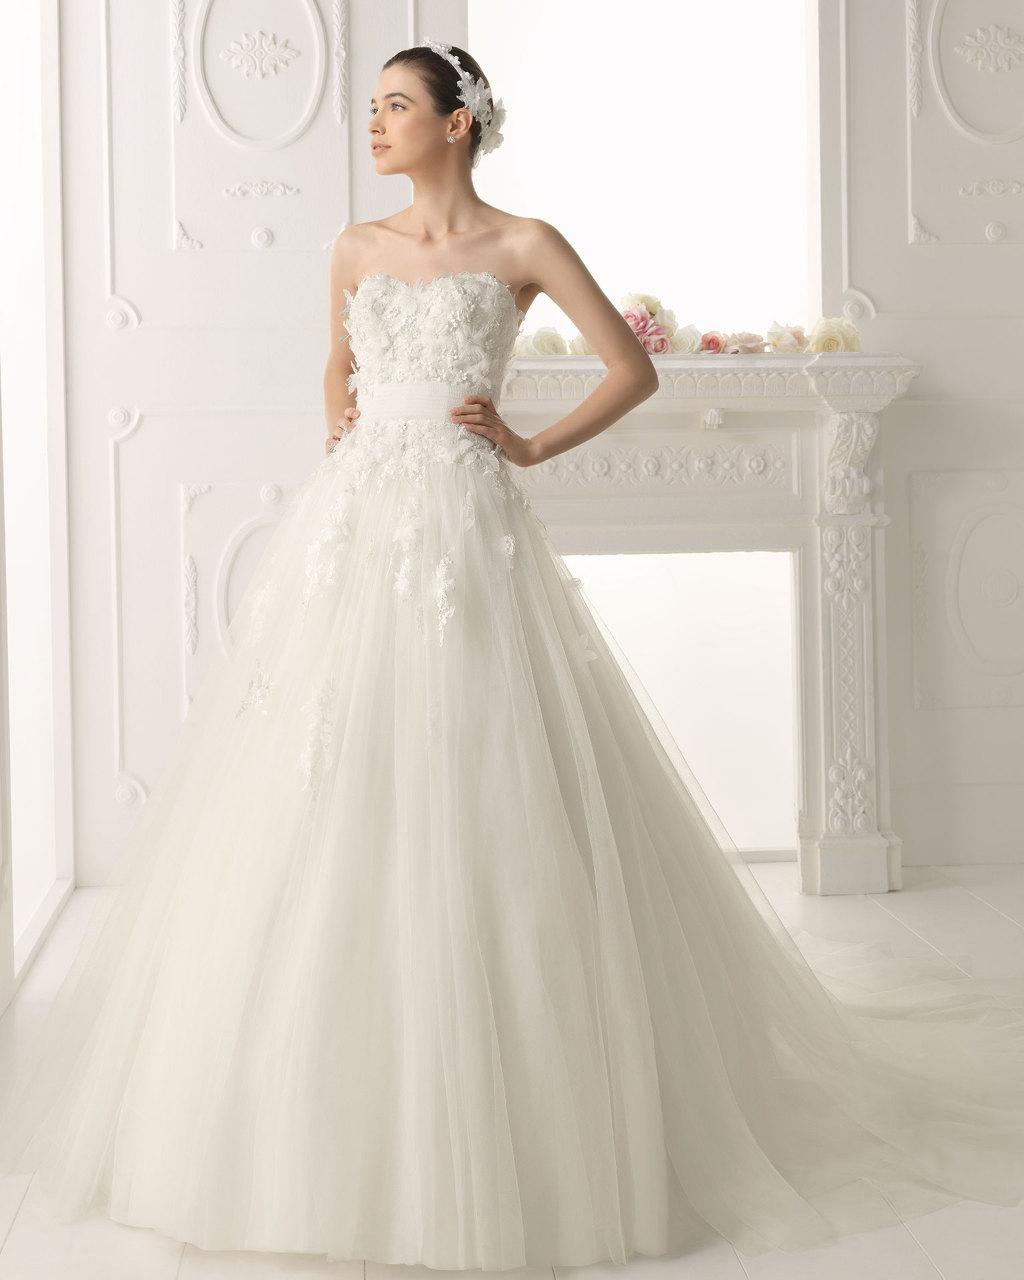 Aire-barcelona-wedding-dress-2014-bridal-olvedo.full